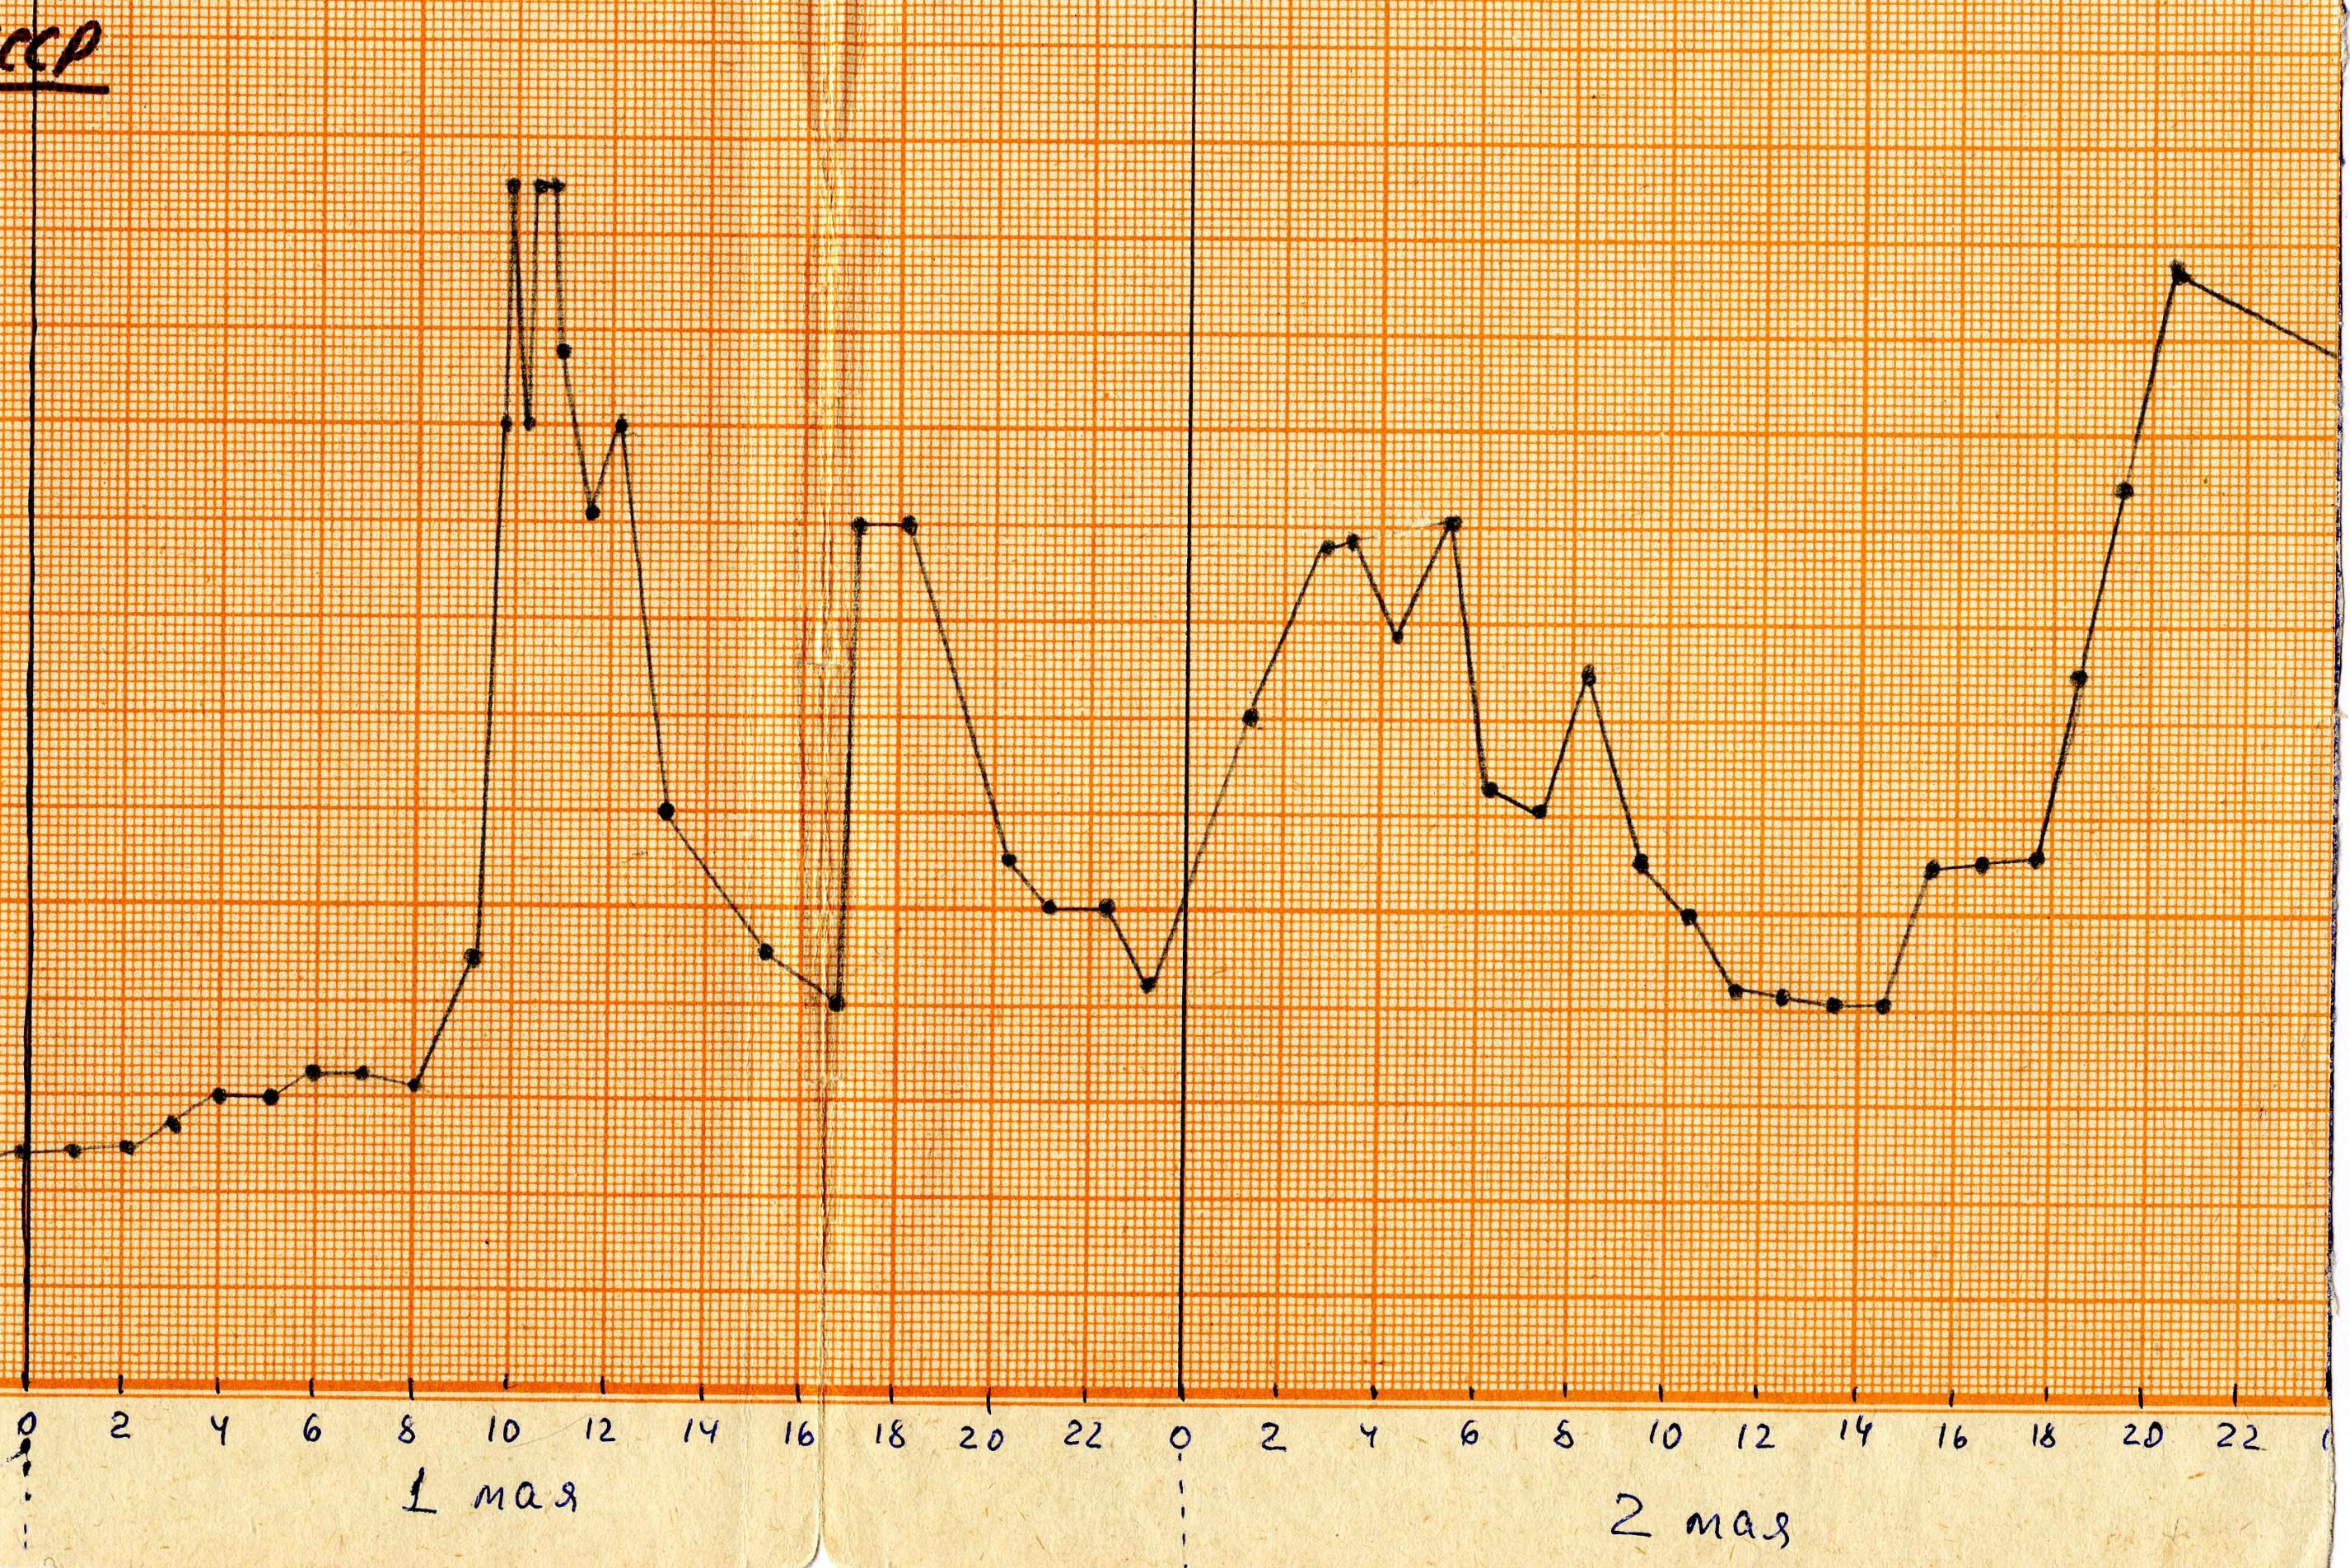 Нажмите на графике выше, чтобы увеличить